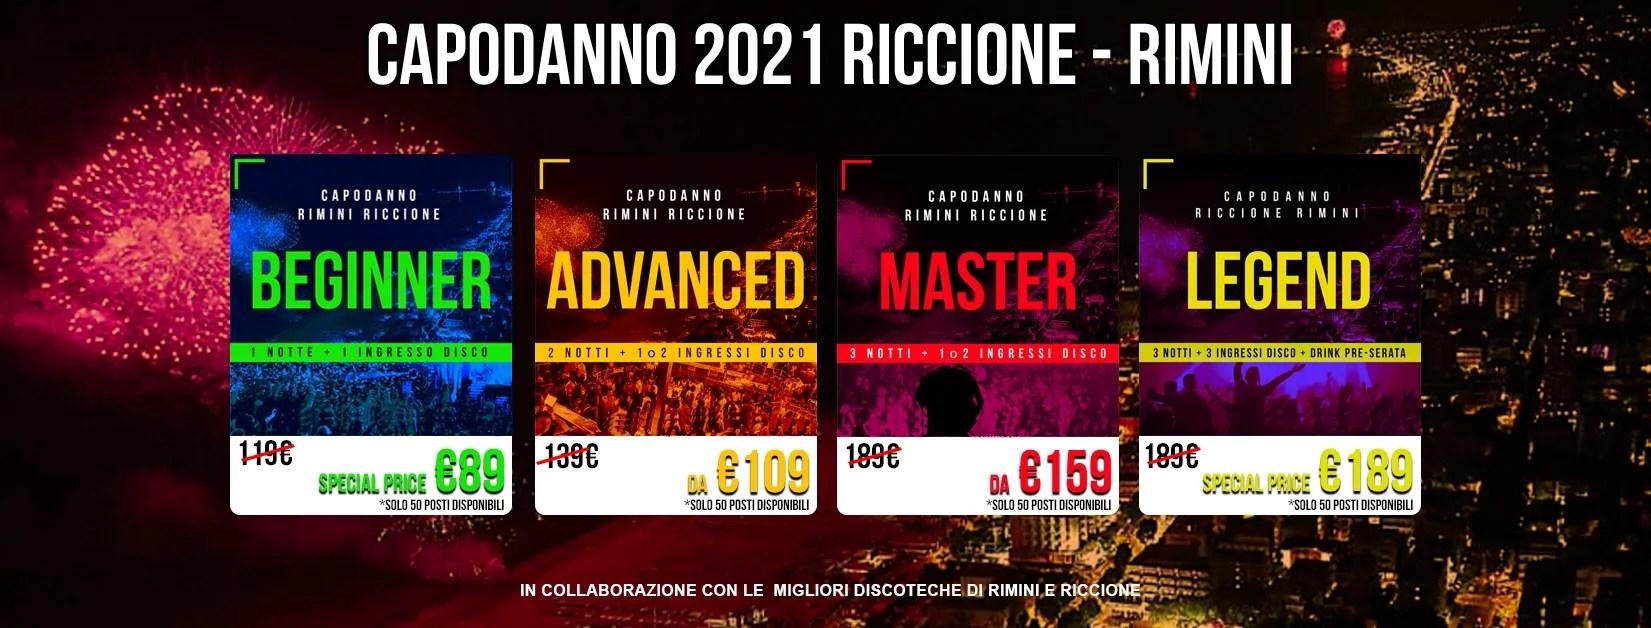 Capodanno 2021 Riccione Rimini Hotel Discoteche Cop